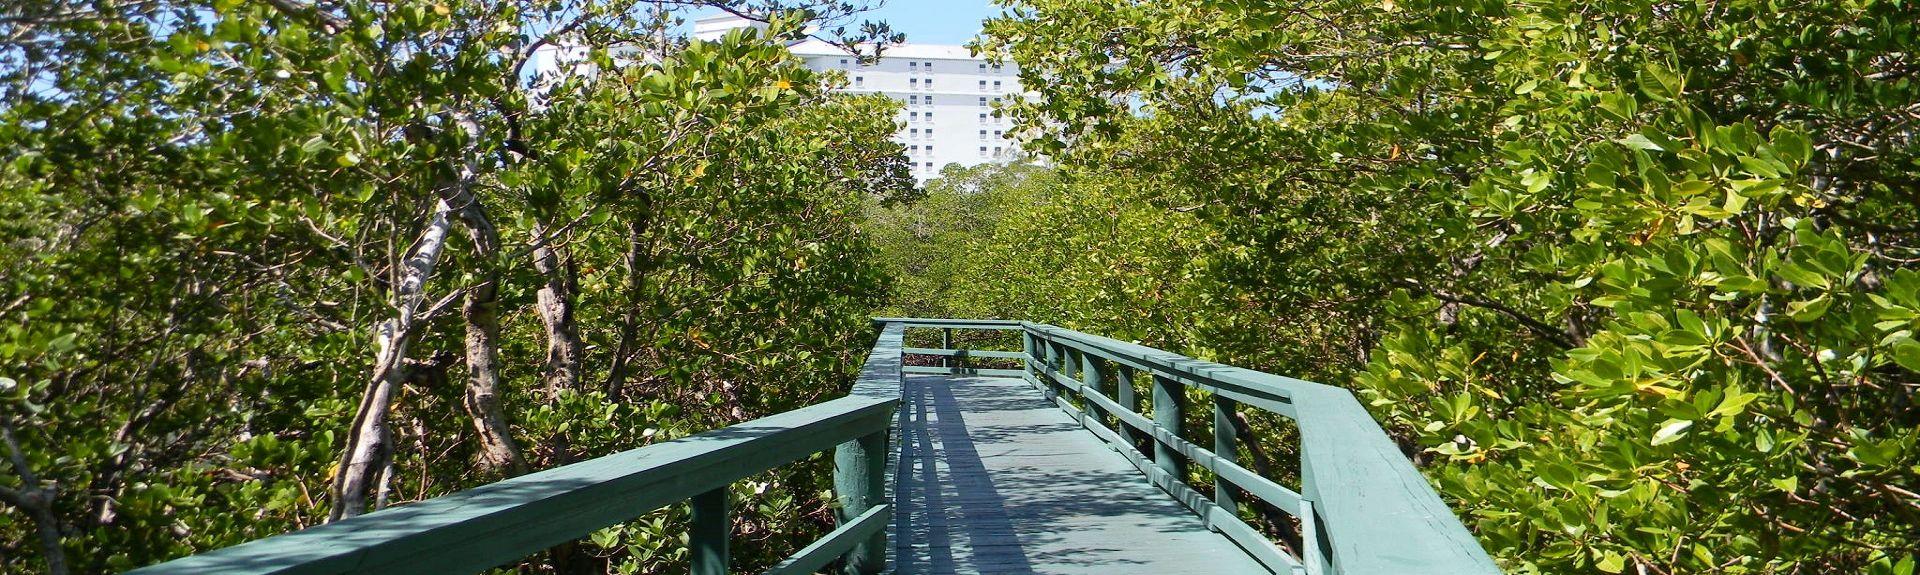 Sanibel Harbour Resort & Spa, Fort Myers, FL, USA